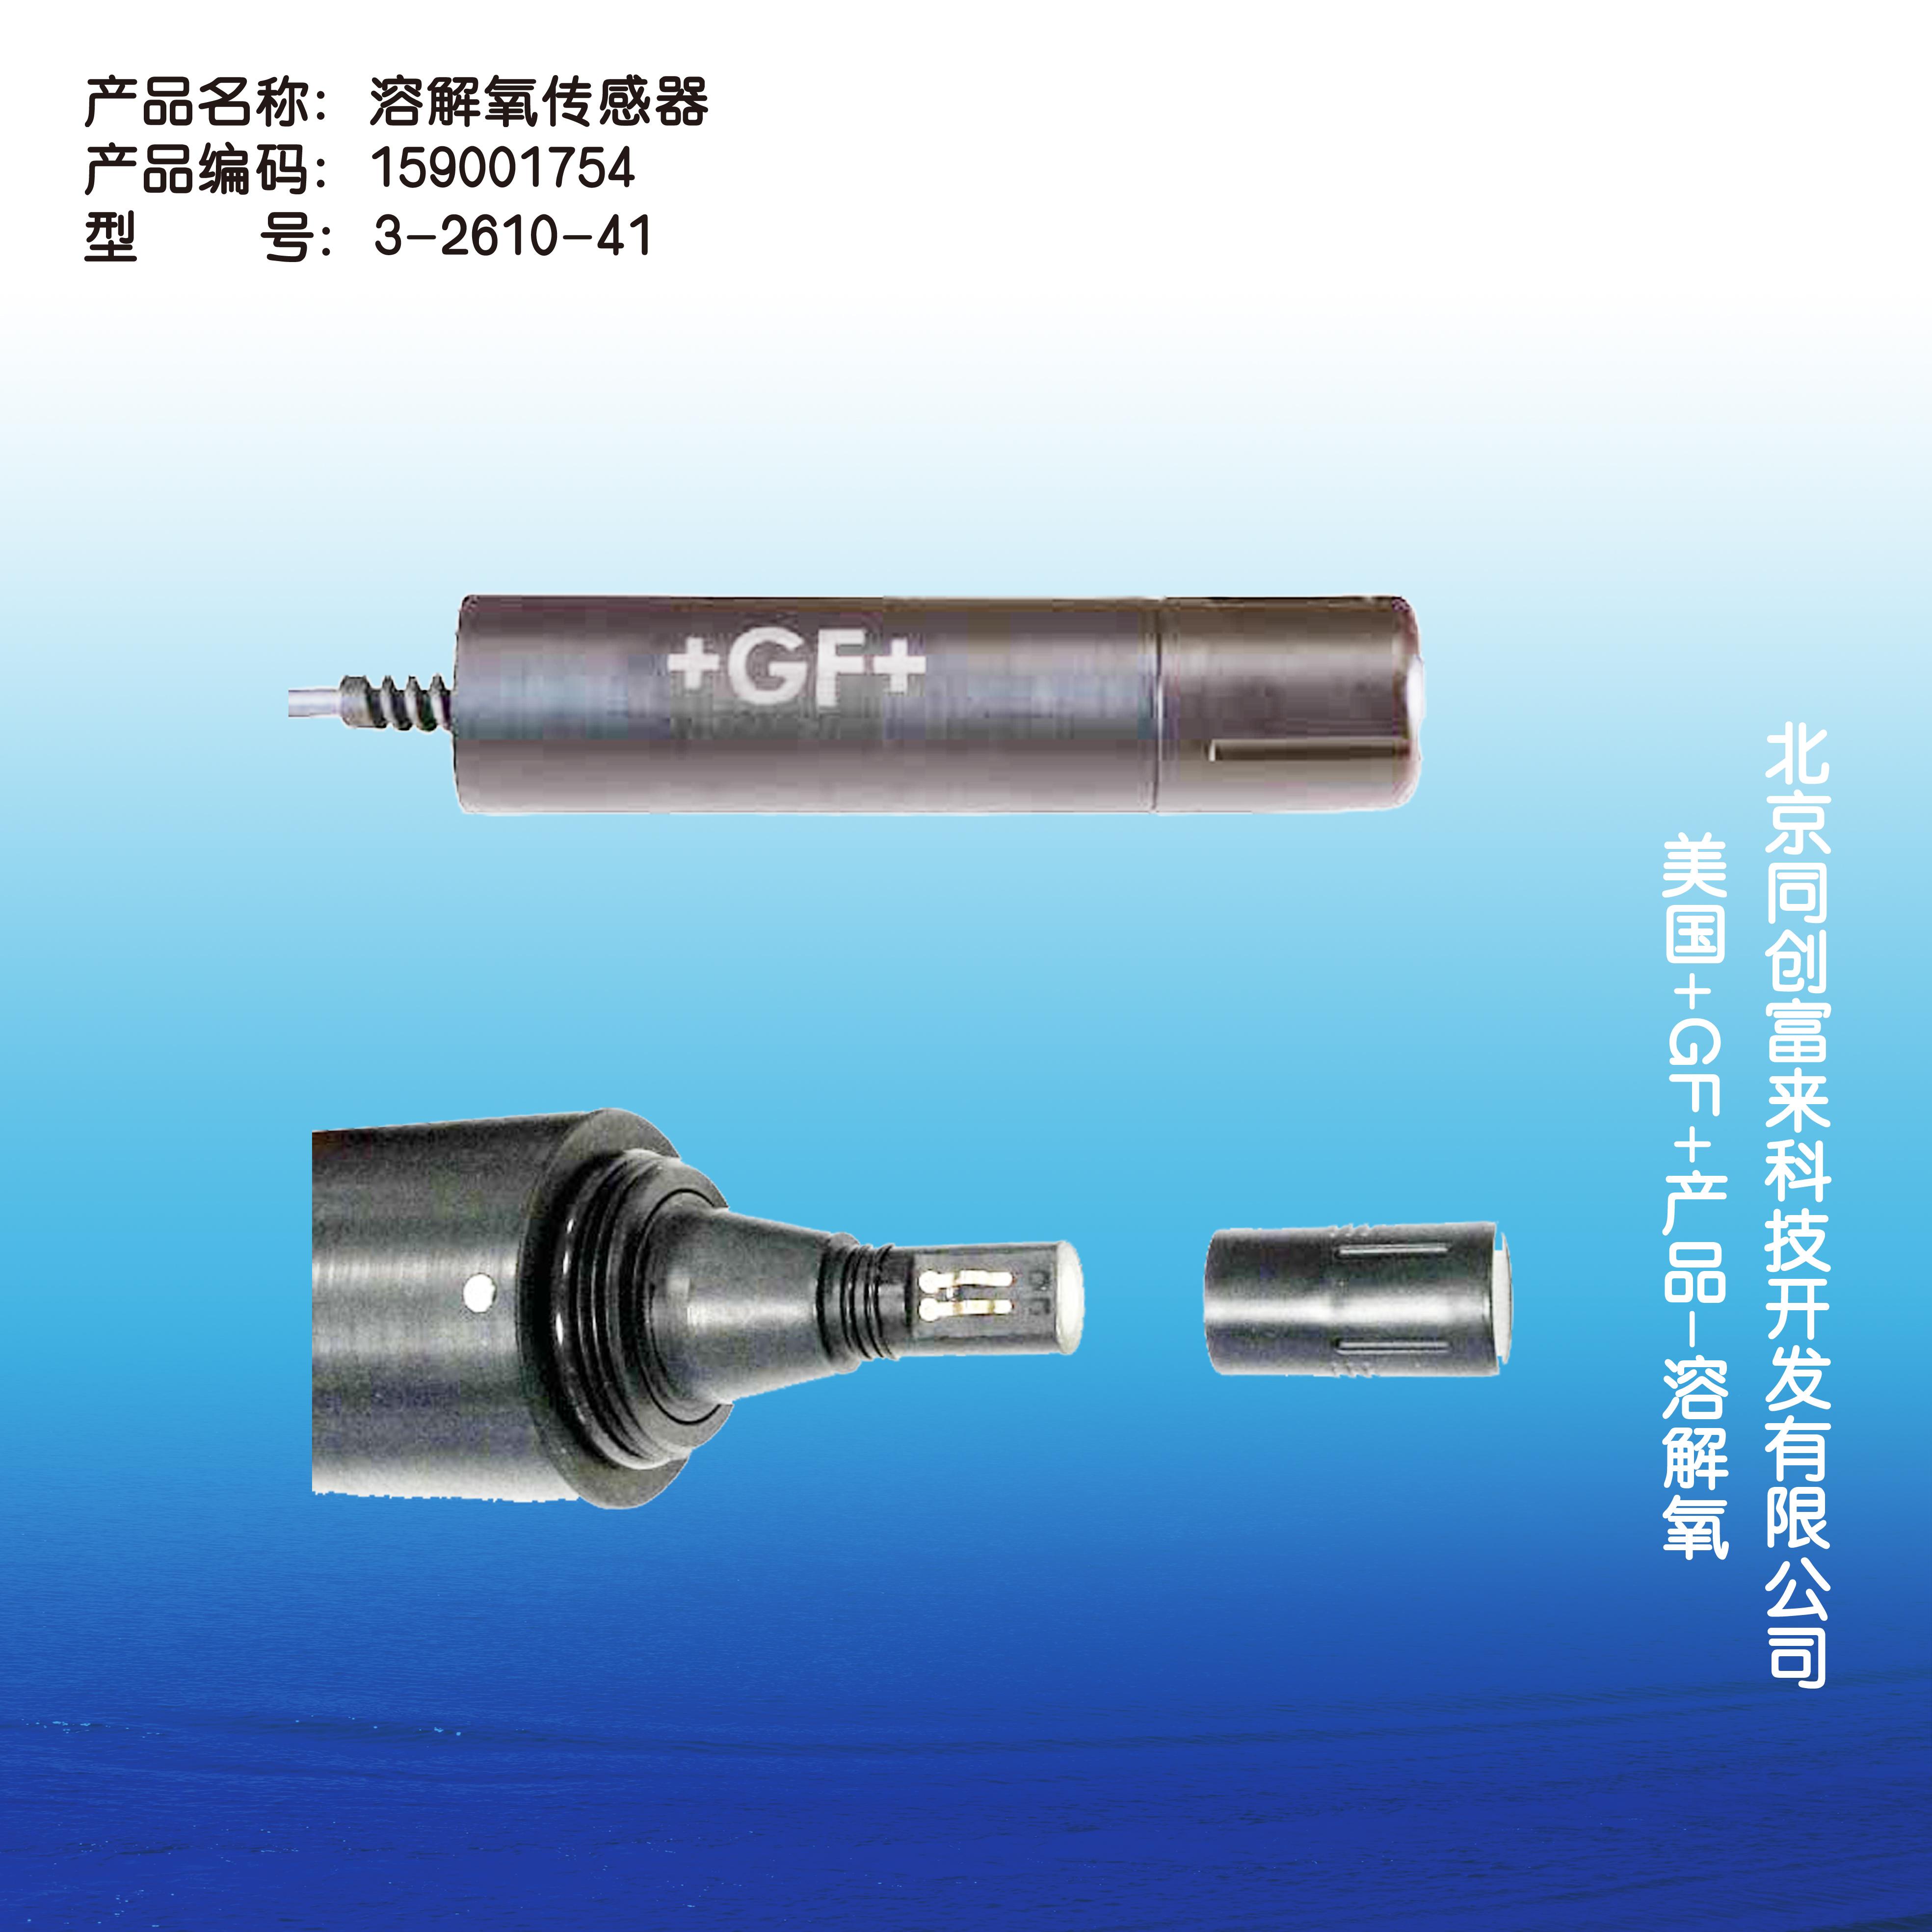 美國GF signet3-2610-31光學溶解氧傳感器便攜式溶解氧美國GF儀表訂貨碼159001753帶4-20mA